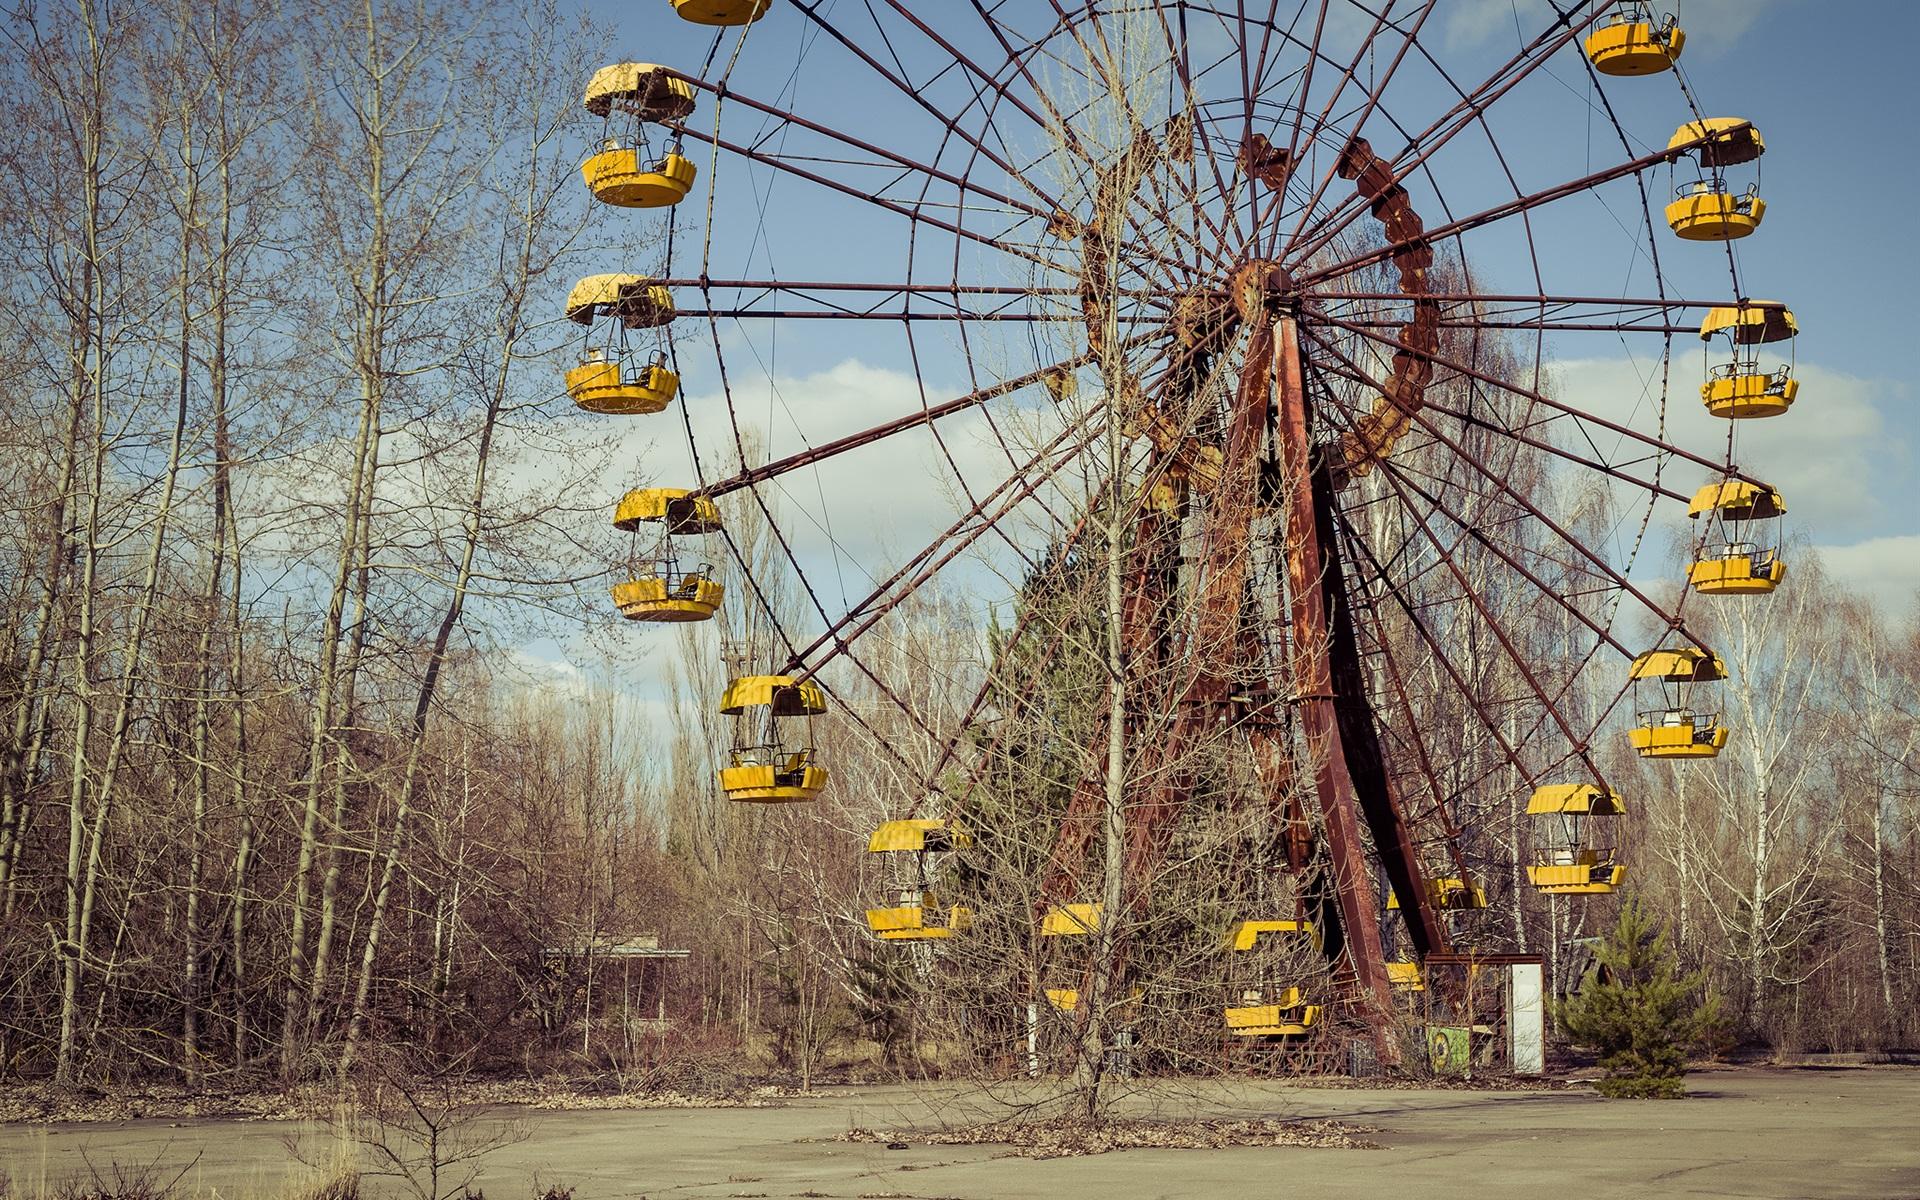 壁紙 チェルノブイリ 失われた場所 観覧車 1920x1200 Hd 無料の